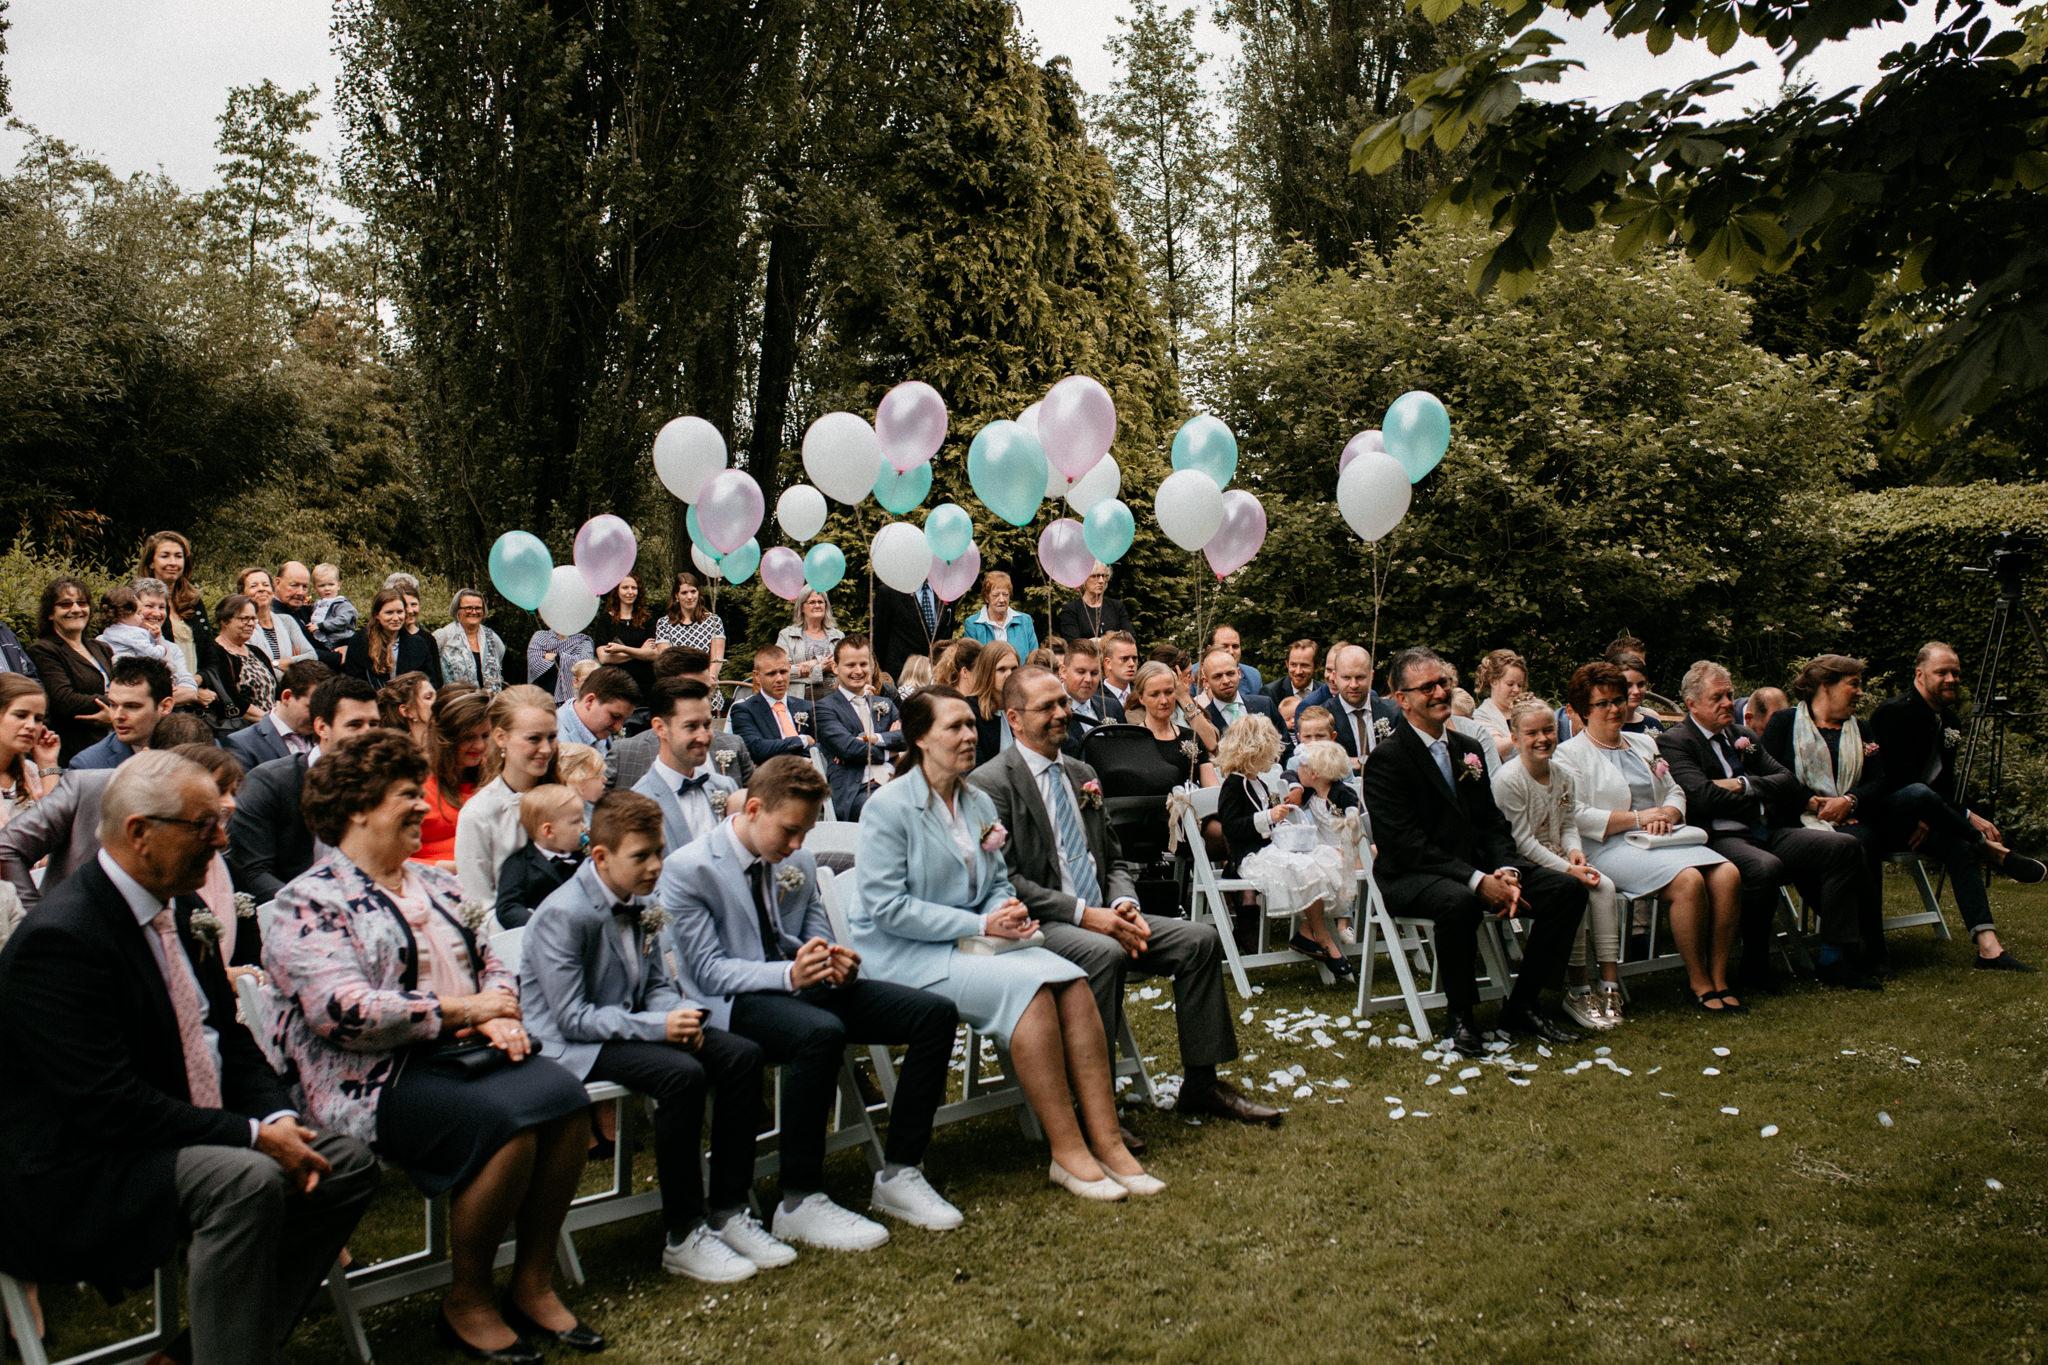 bruiloft-fotografie-elzentuin-oud-beijerland